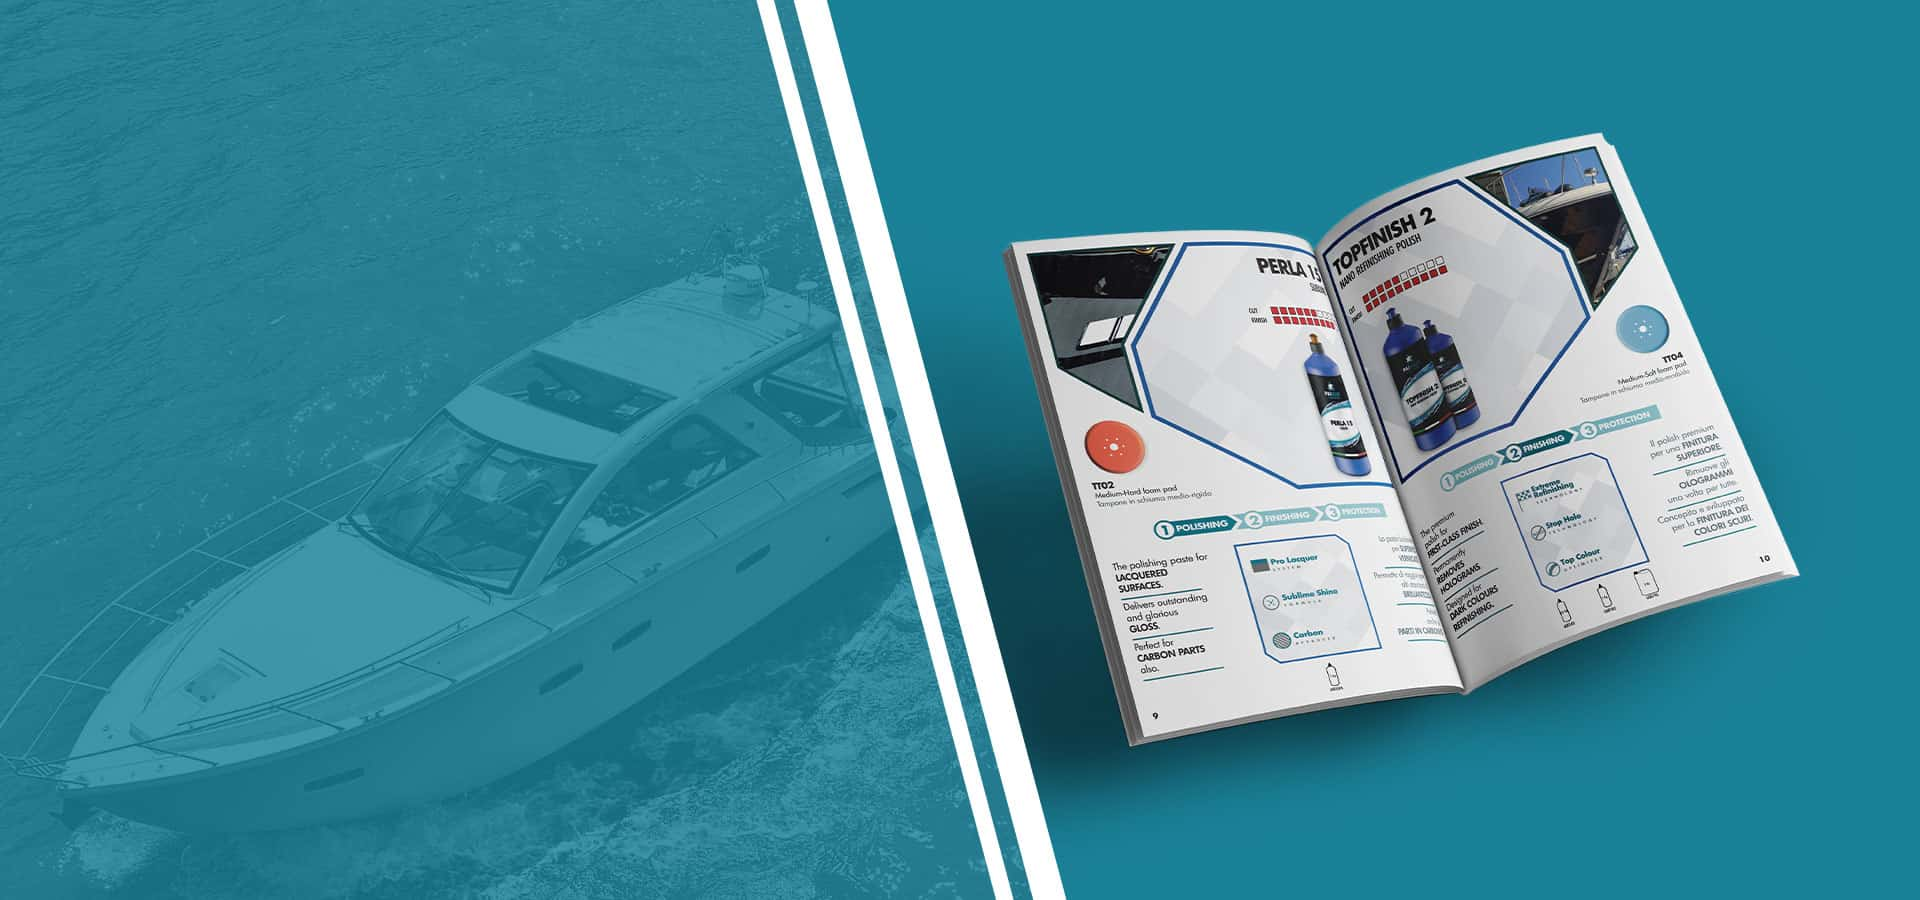 catalogo_prodotti_lucidatura_lucidanti_barche_compositi_gelcoat_resina_epossidica_paiboat